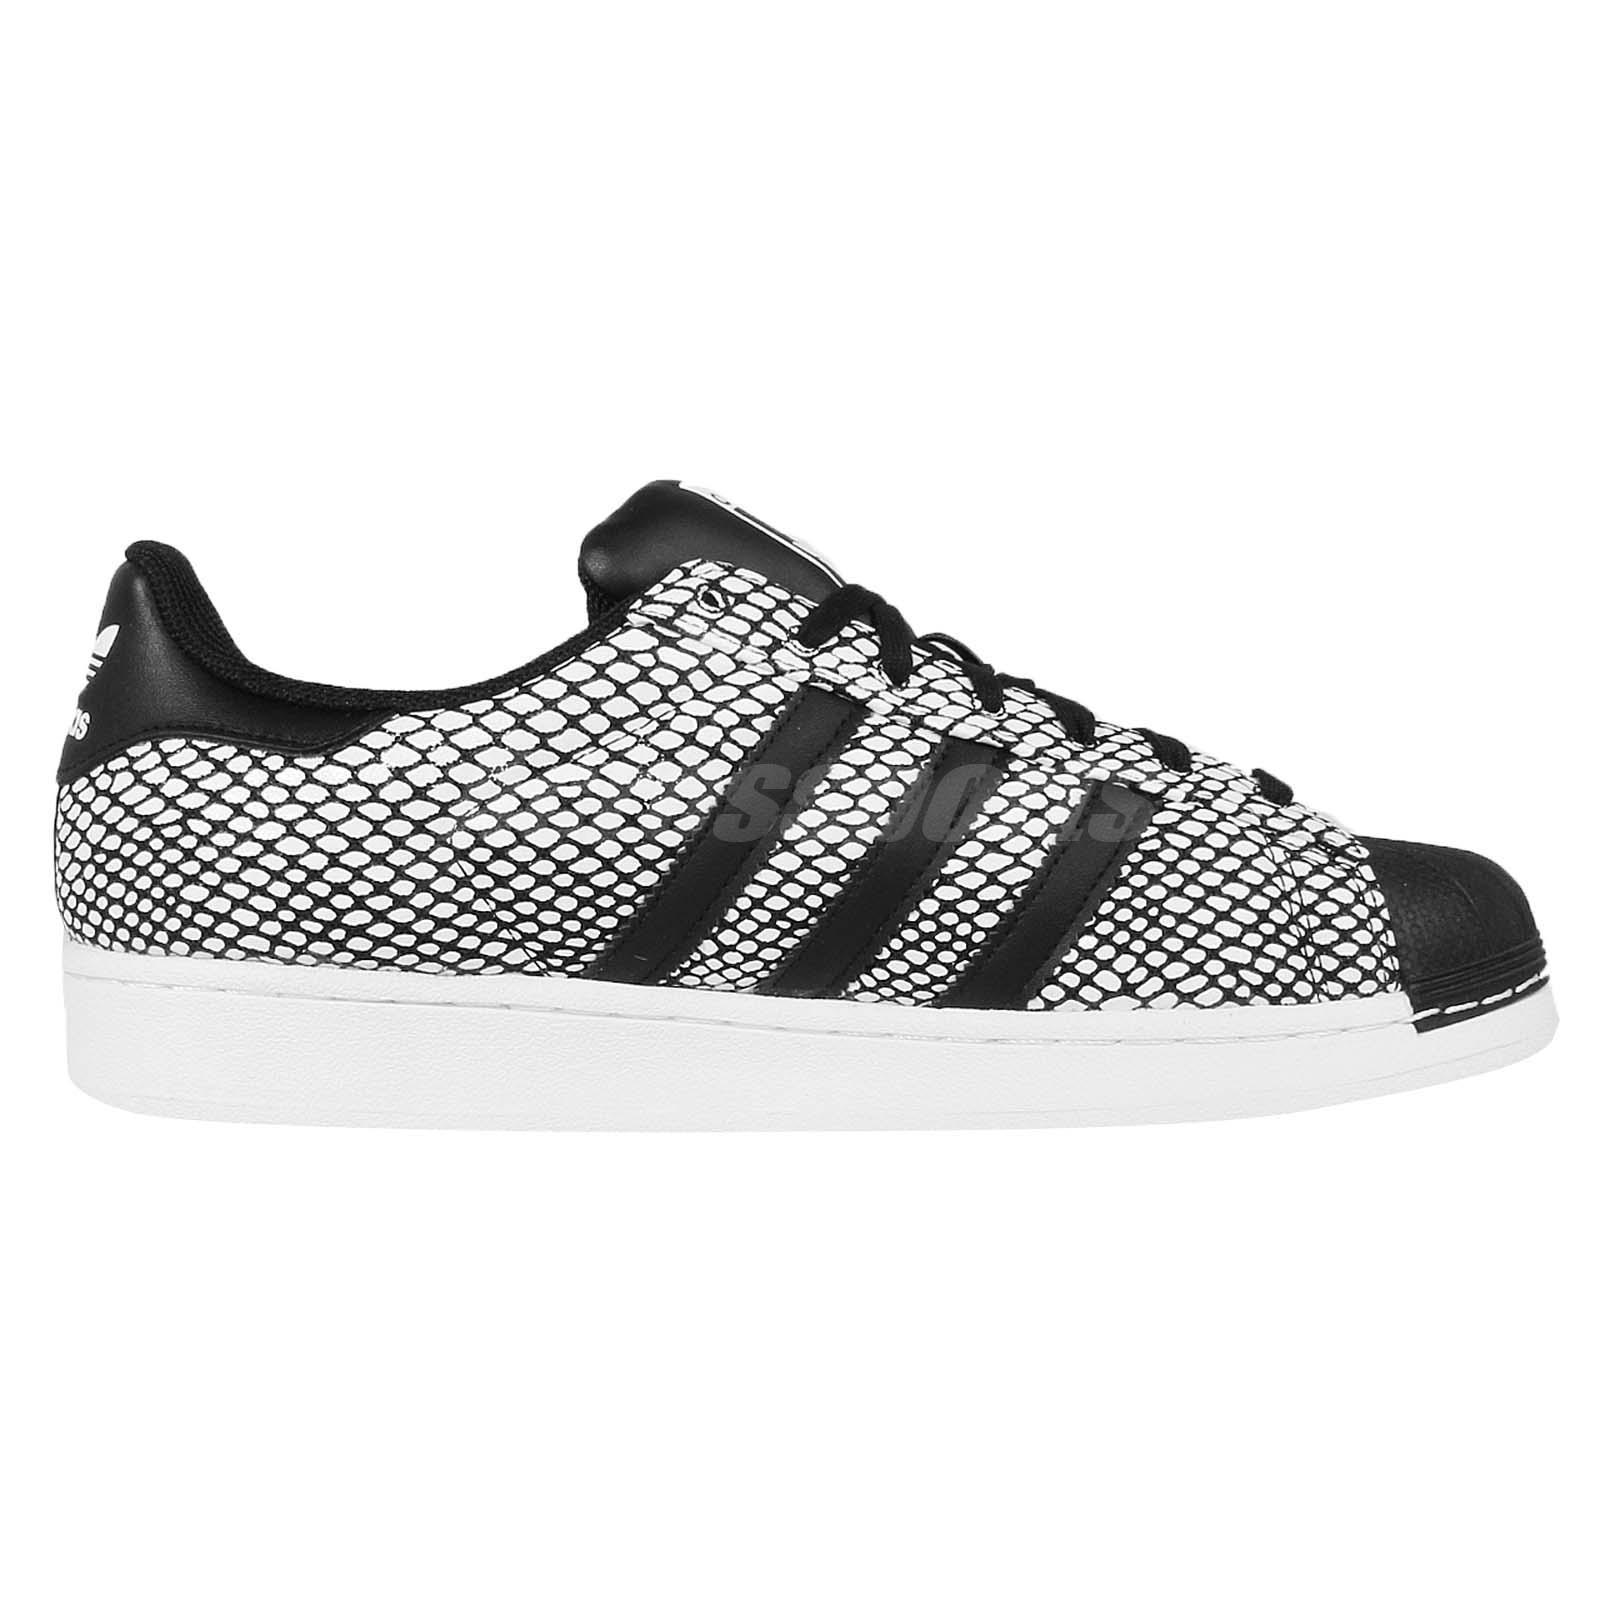 adidas snakeskin sneakers